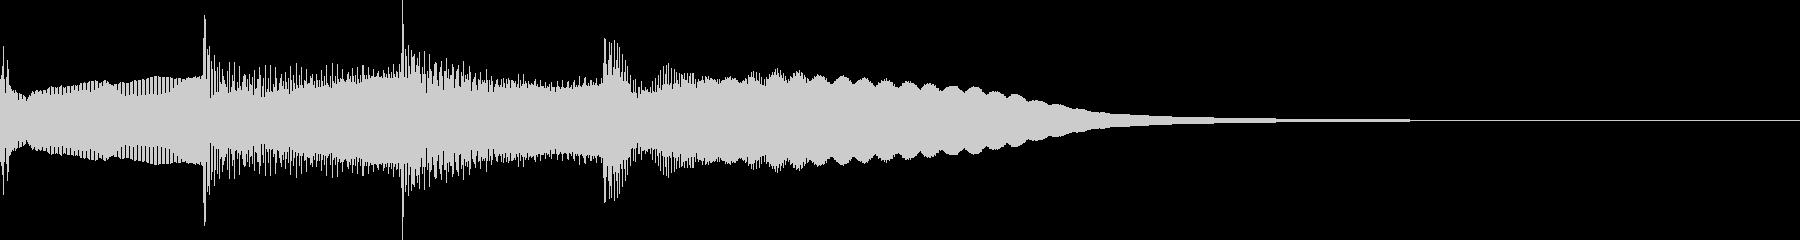 【放送】ピンポンパンポーン↑の未再生の波形